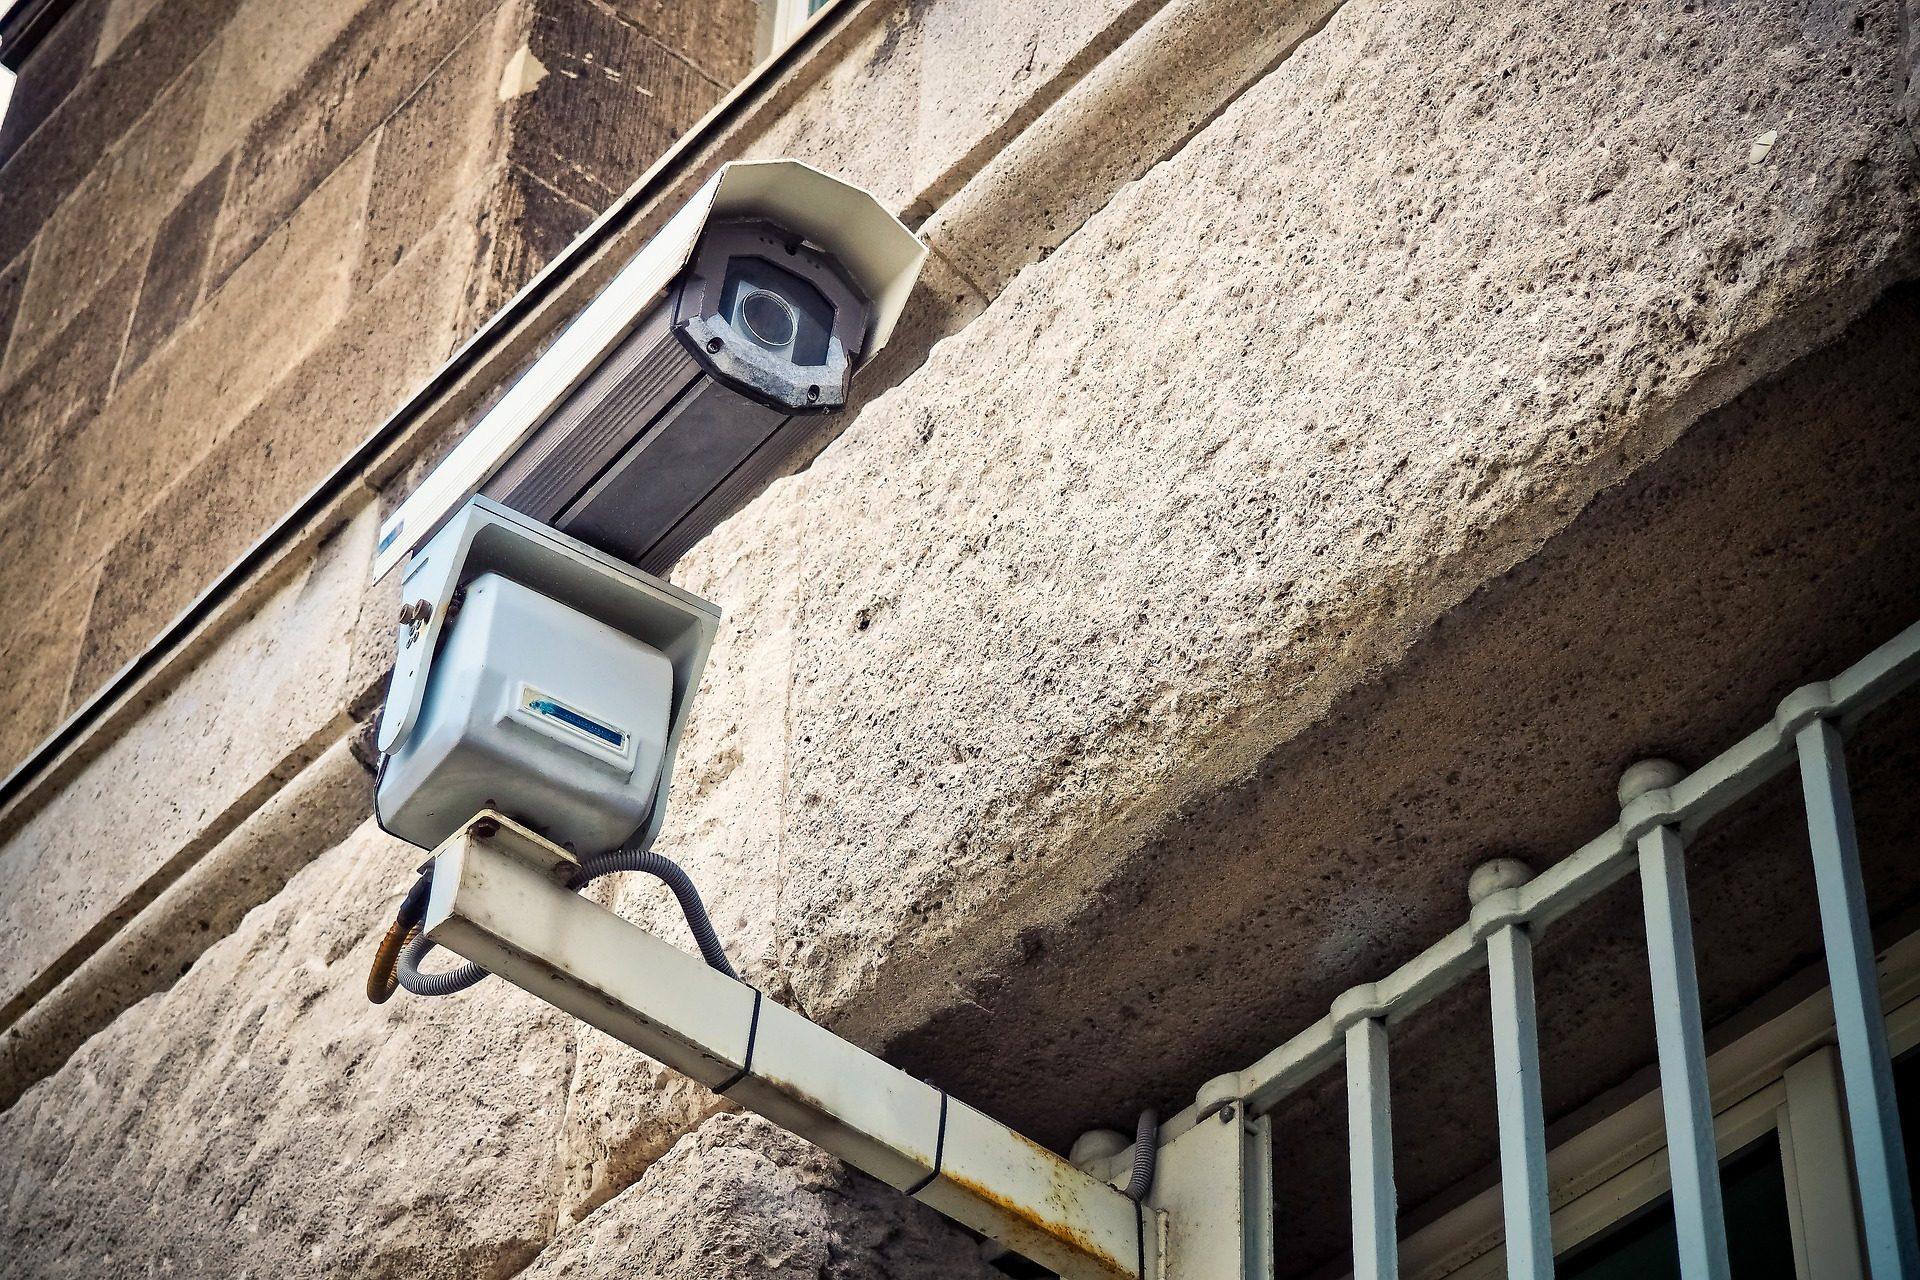 Telecamere e ripresa di aree condominiali